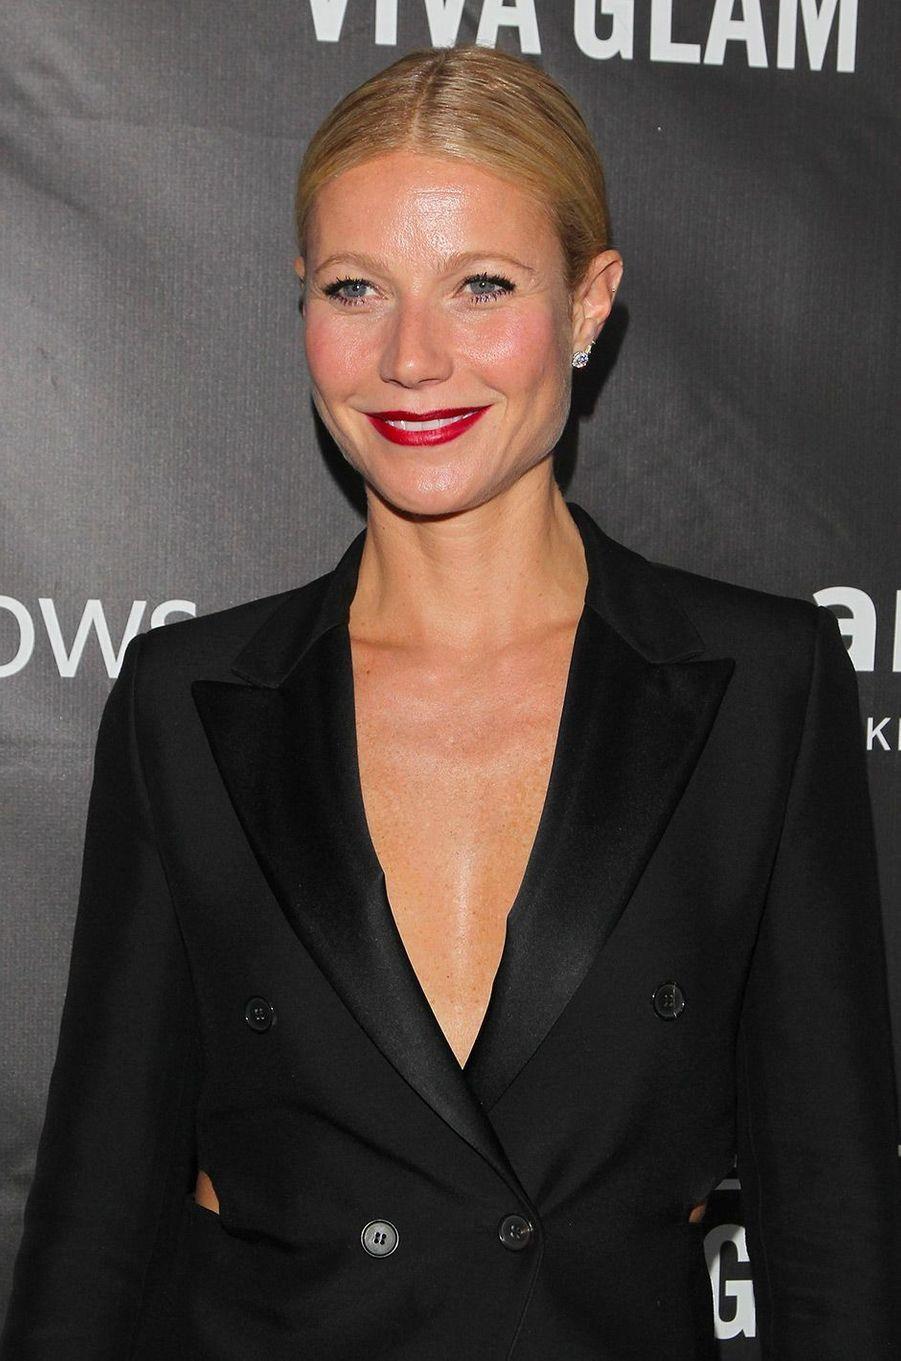 Gwyneth Paltrow, le 29 octobre 2014